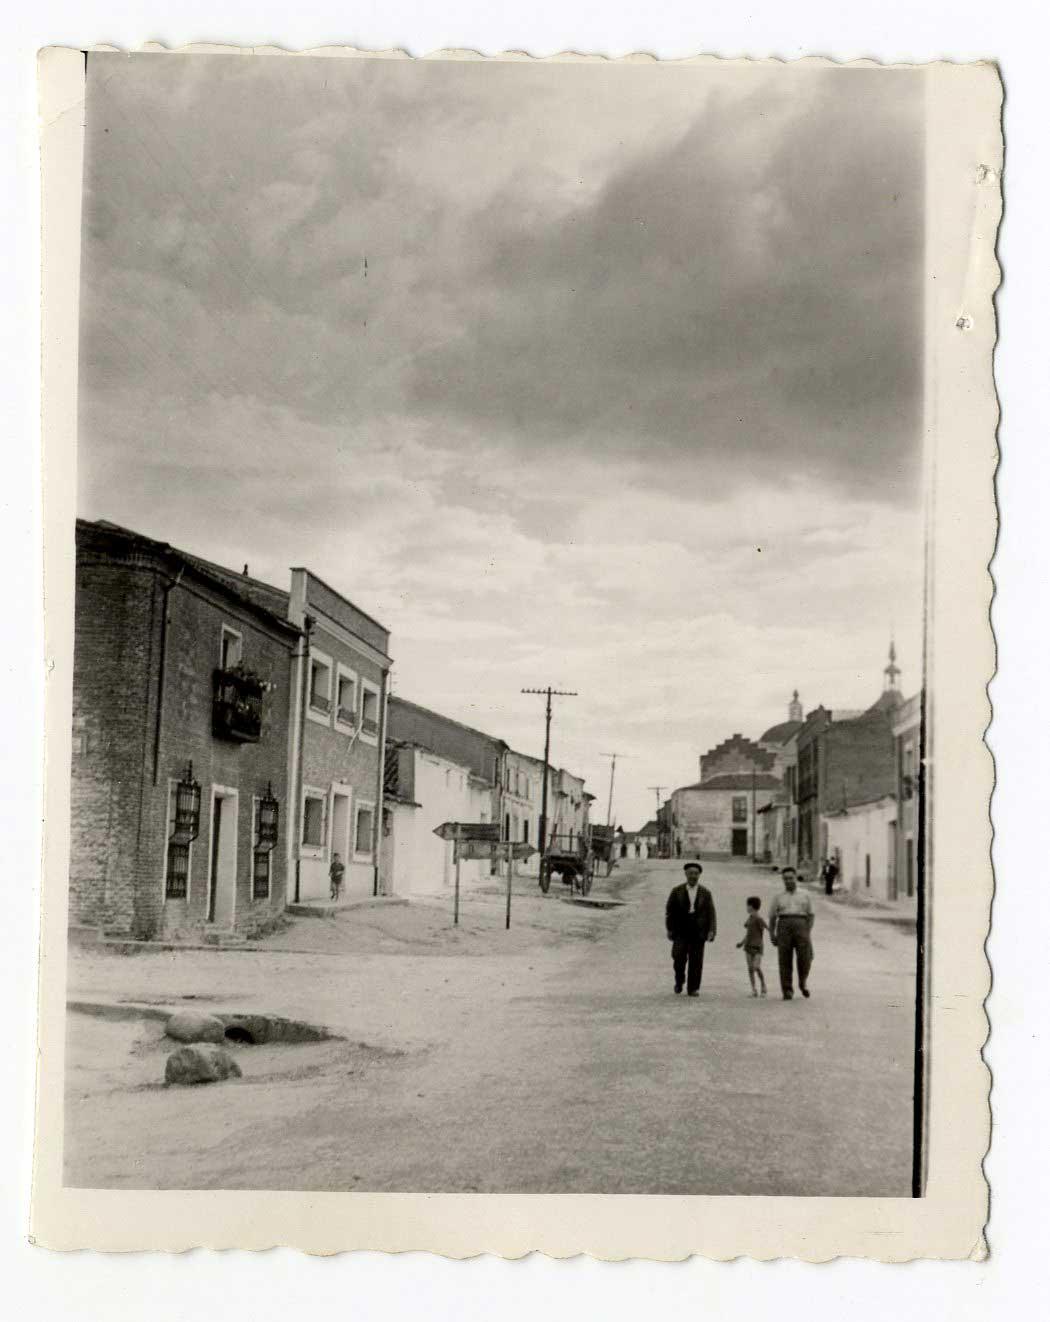 Valmojado. Calle Héroes del Alcázar. 1960 (P-1447)